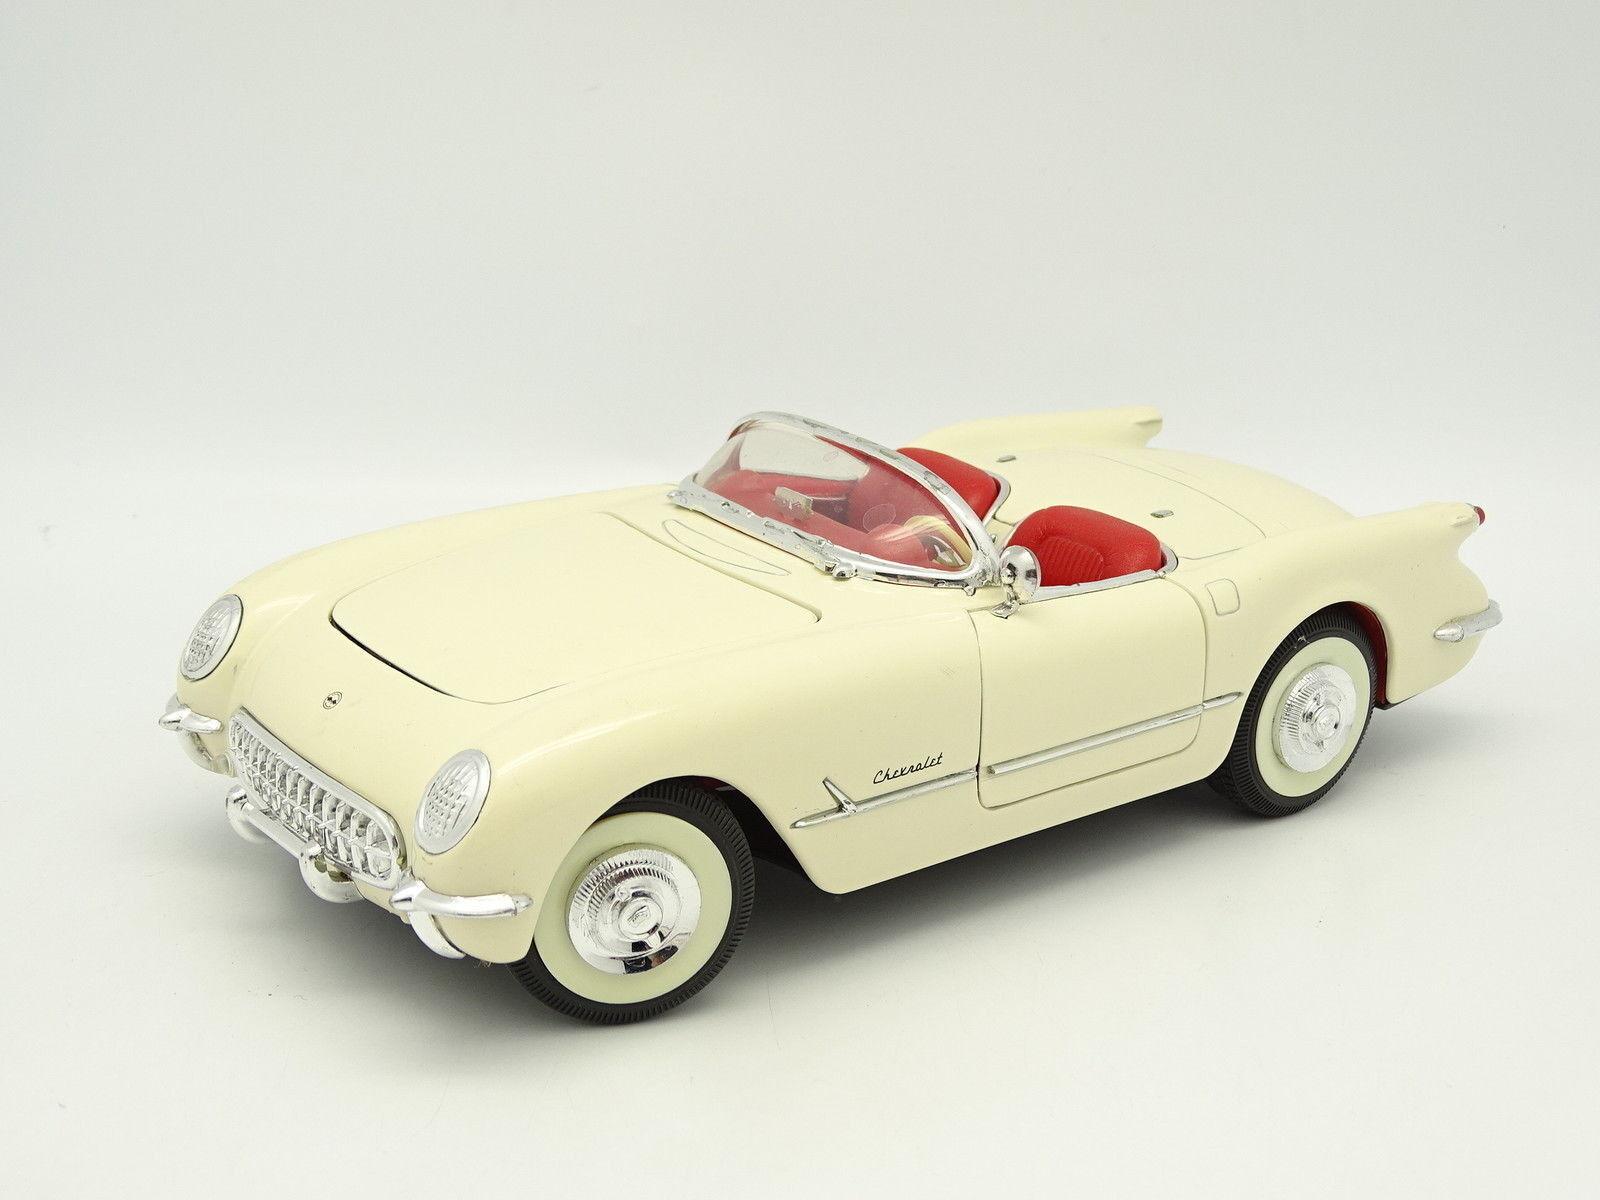 Solido Solido Solido SB 1 18 - Chevriolet Corvette 1953 whiteo a1fb62